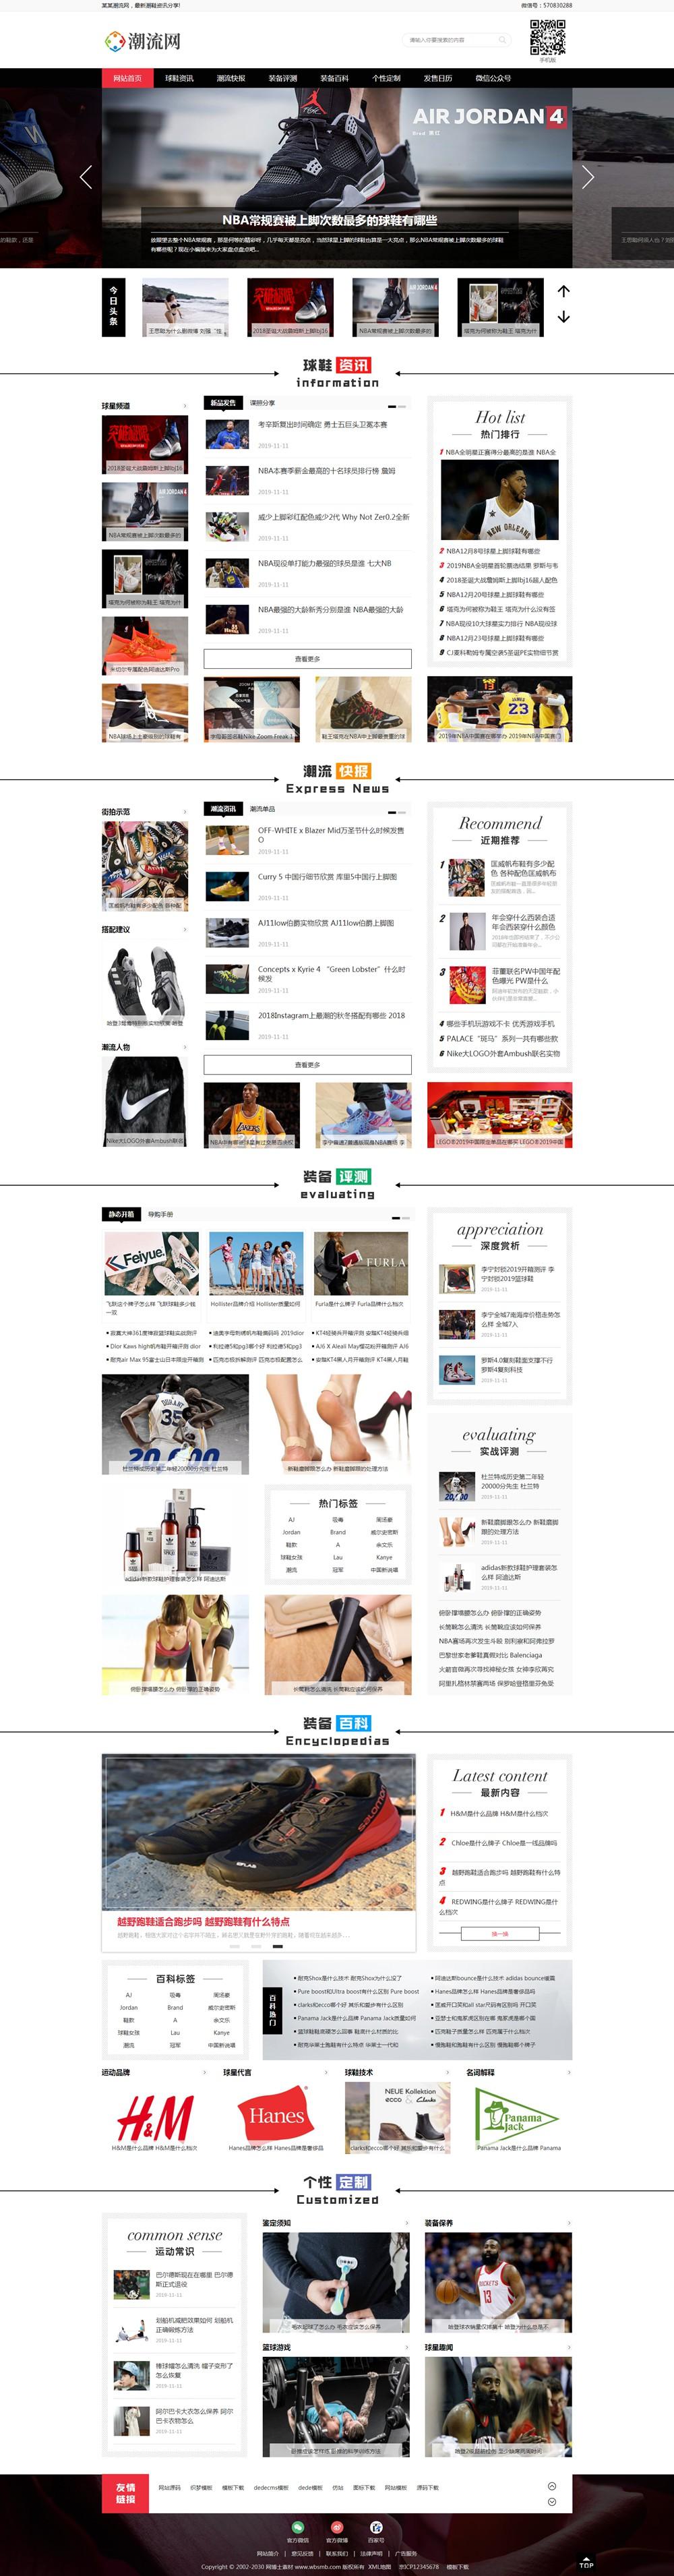 (带手机版数据同步)潮牌鞋潮流资讯类网站织梦模板 球鞋运动装备新闻资讯网站源码